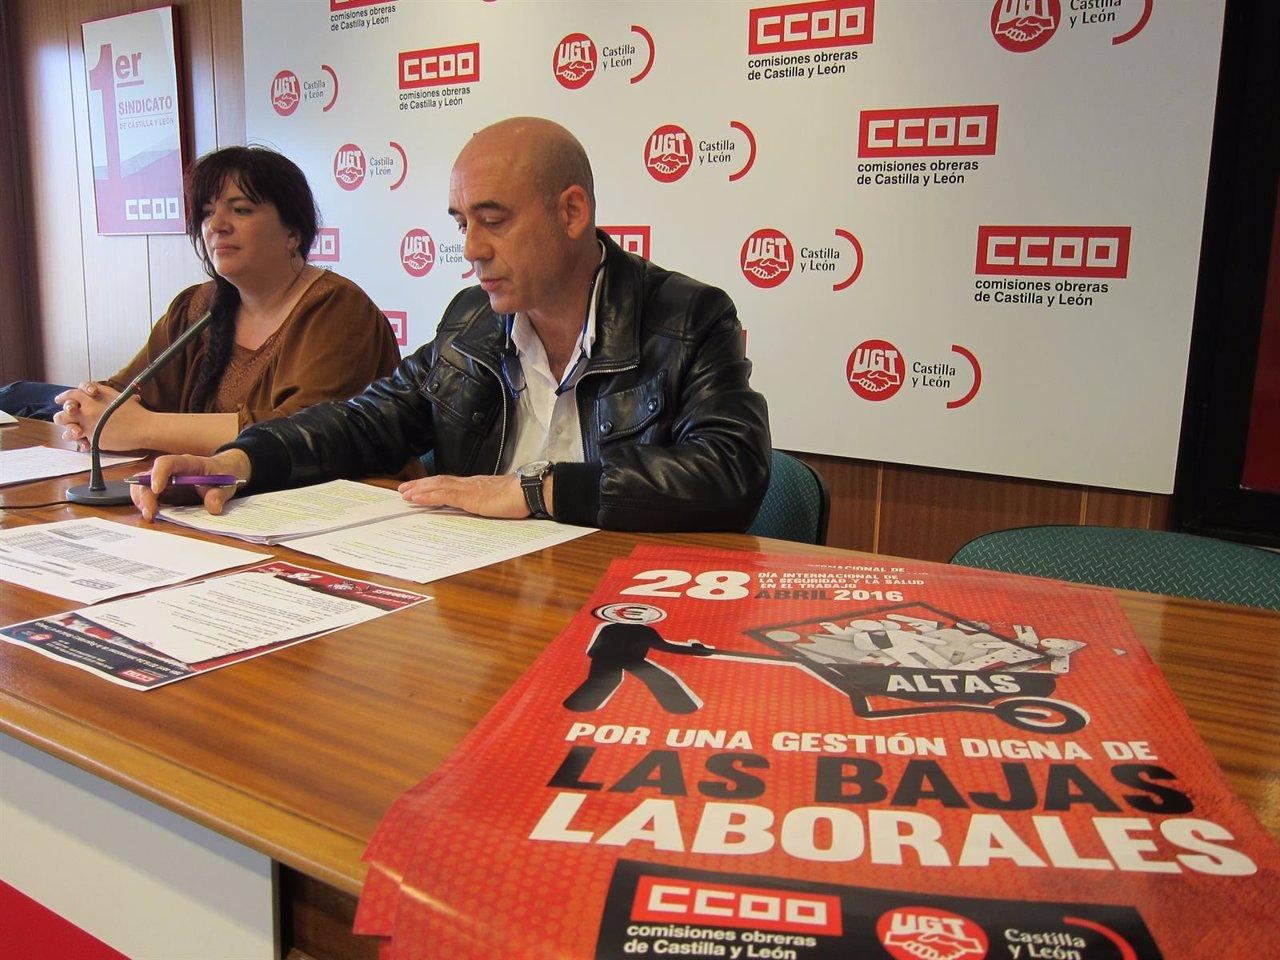 Pérez y Sanz Lubeiro presentan los actos del Día de la Salud Laboral